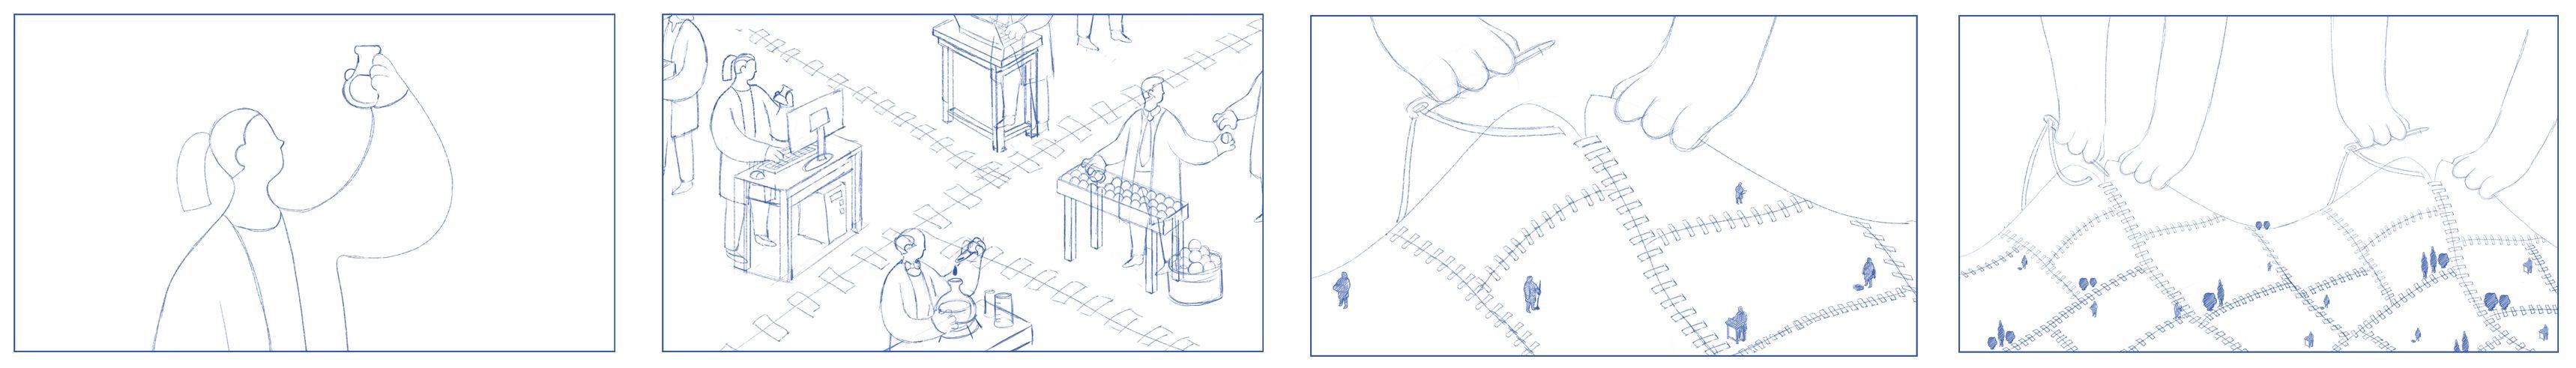 storyboard ejemplo